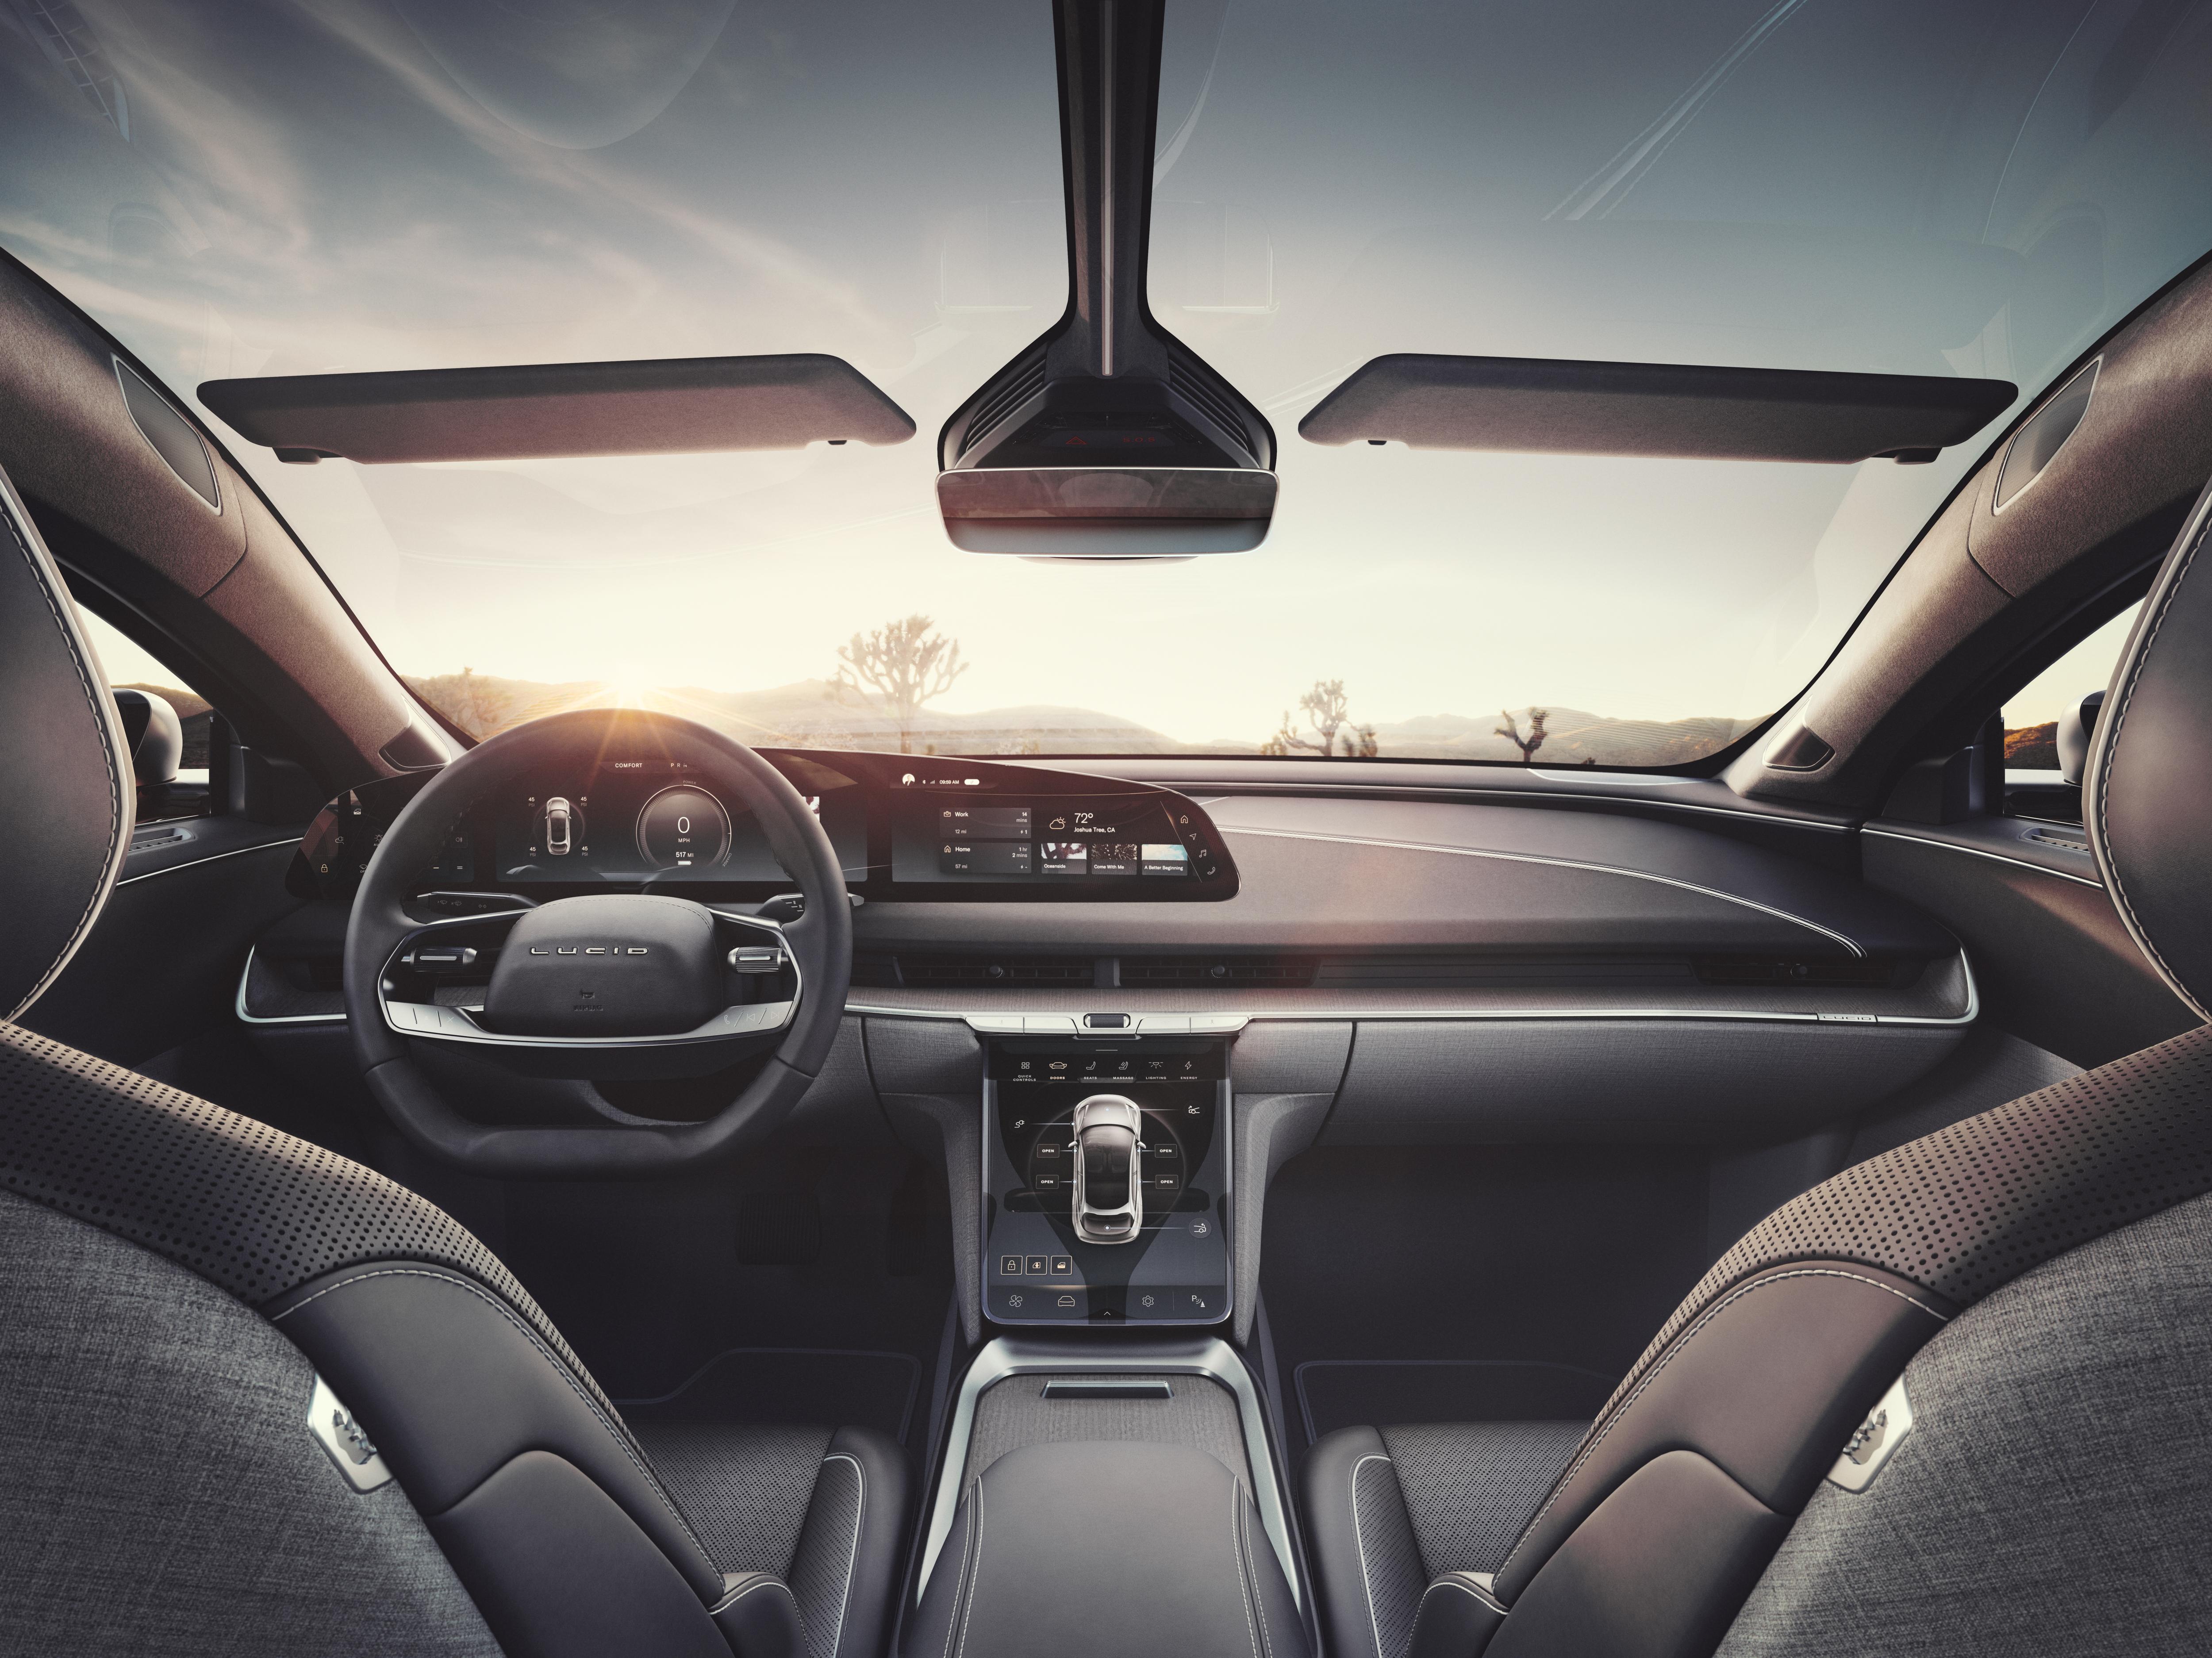 Foto del interior del Air de Lucid Motors